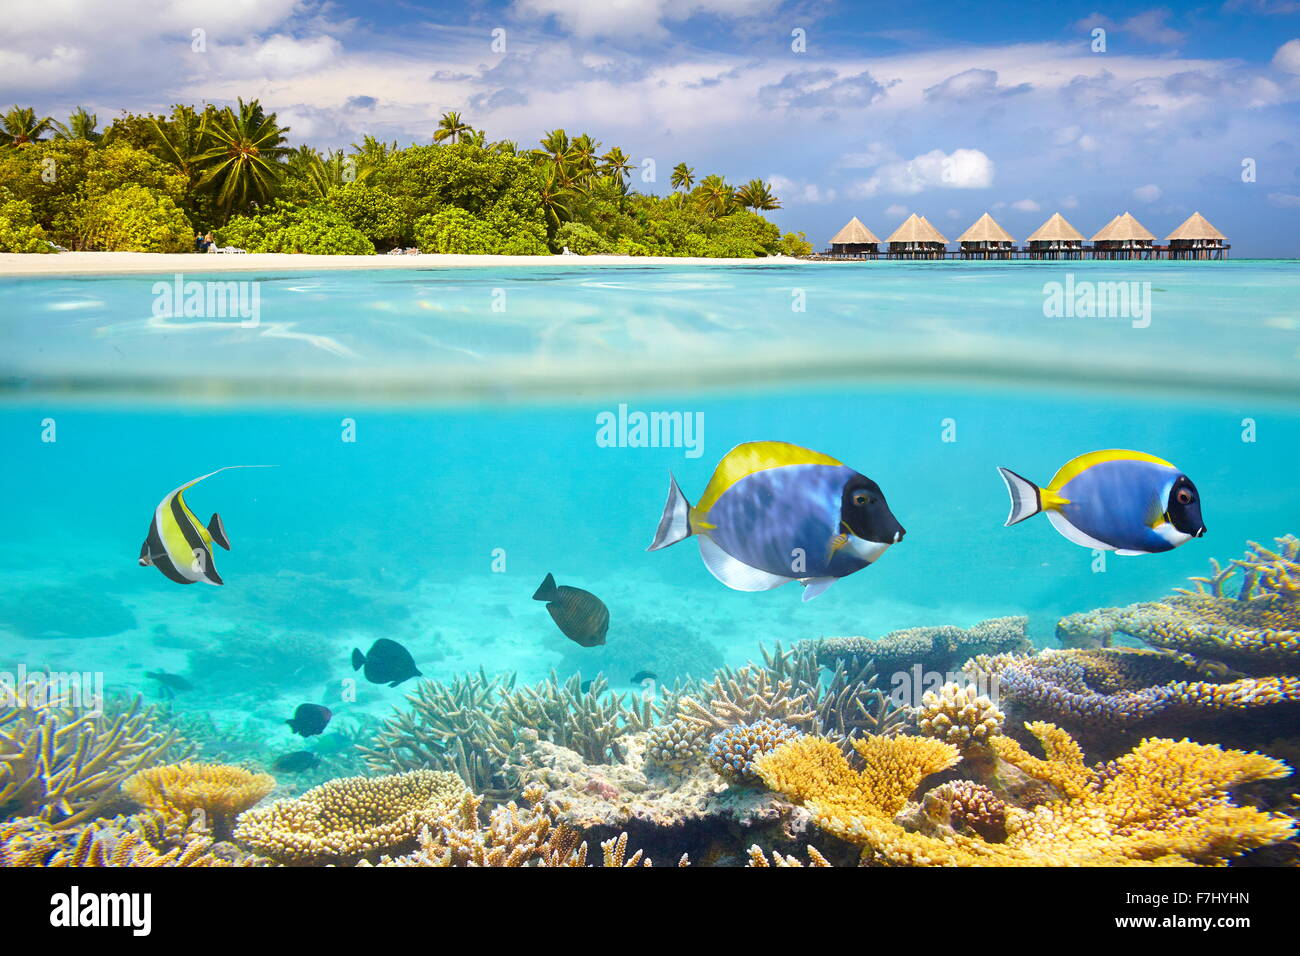 Malediven Insel - Unterwasser-Blick mit Riff und Fisch Stockbild